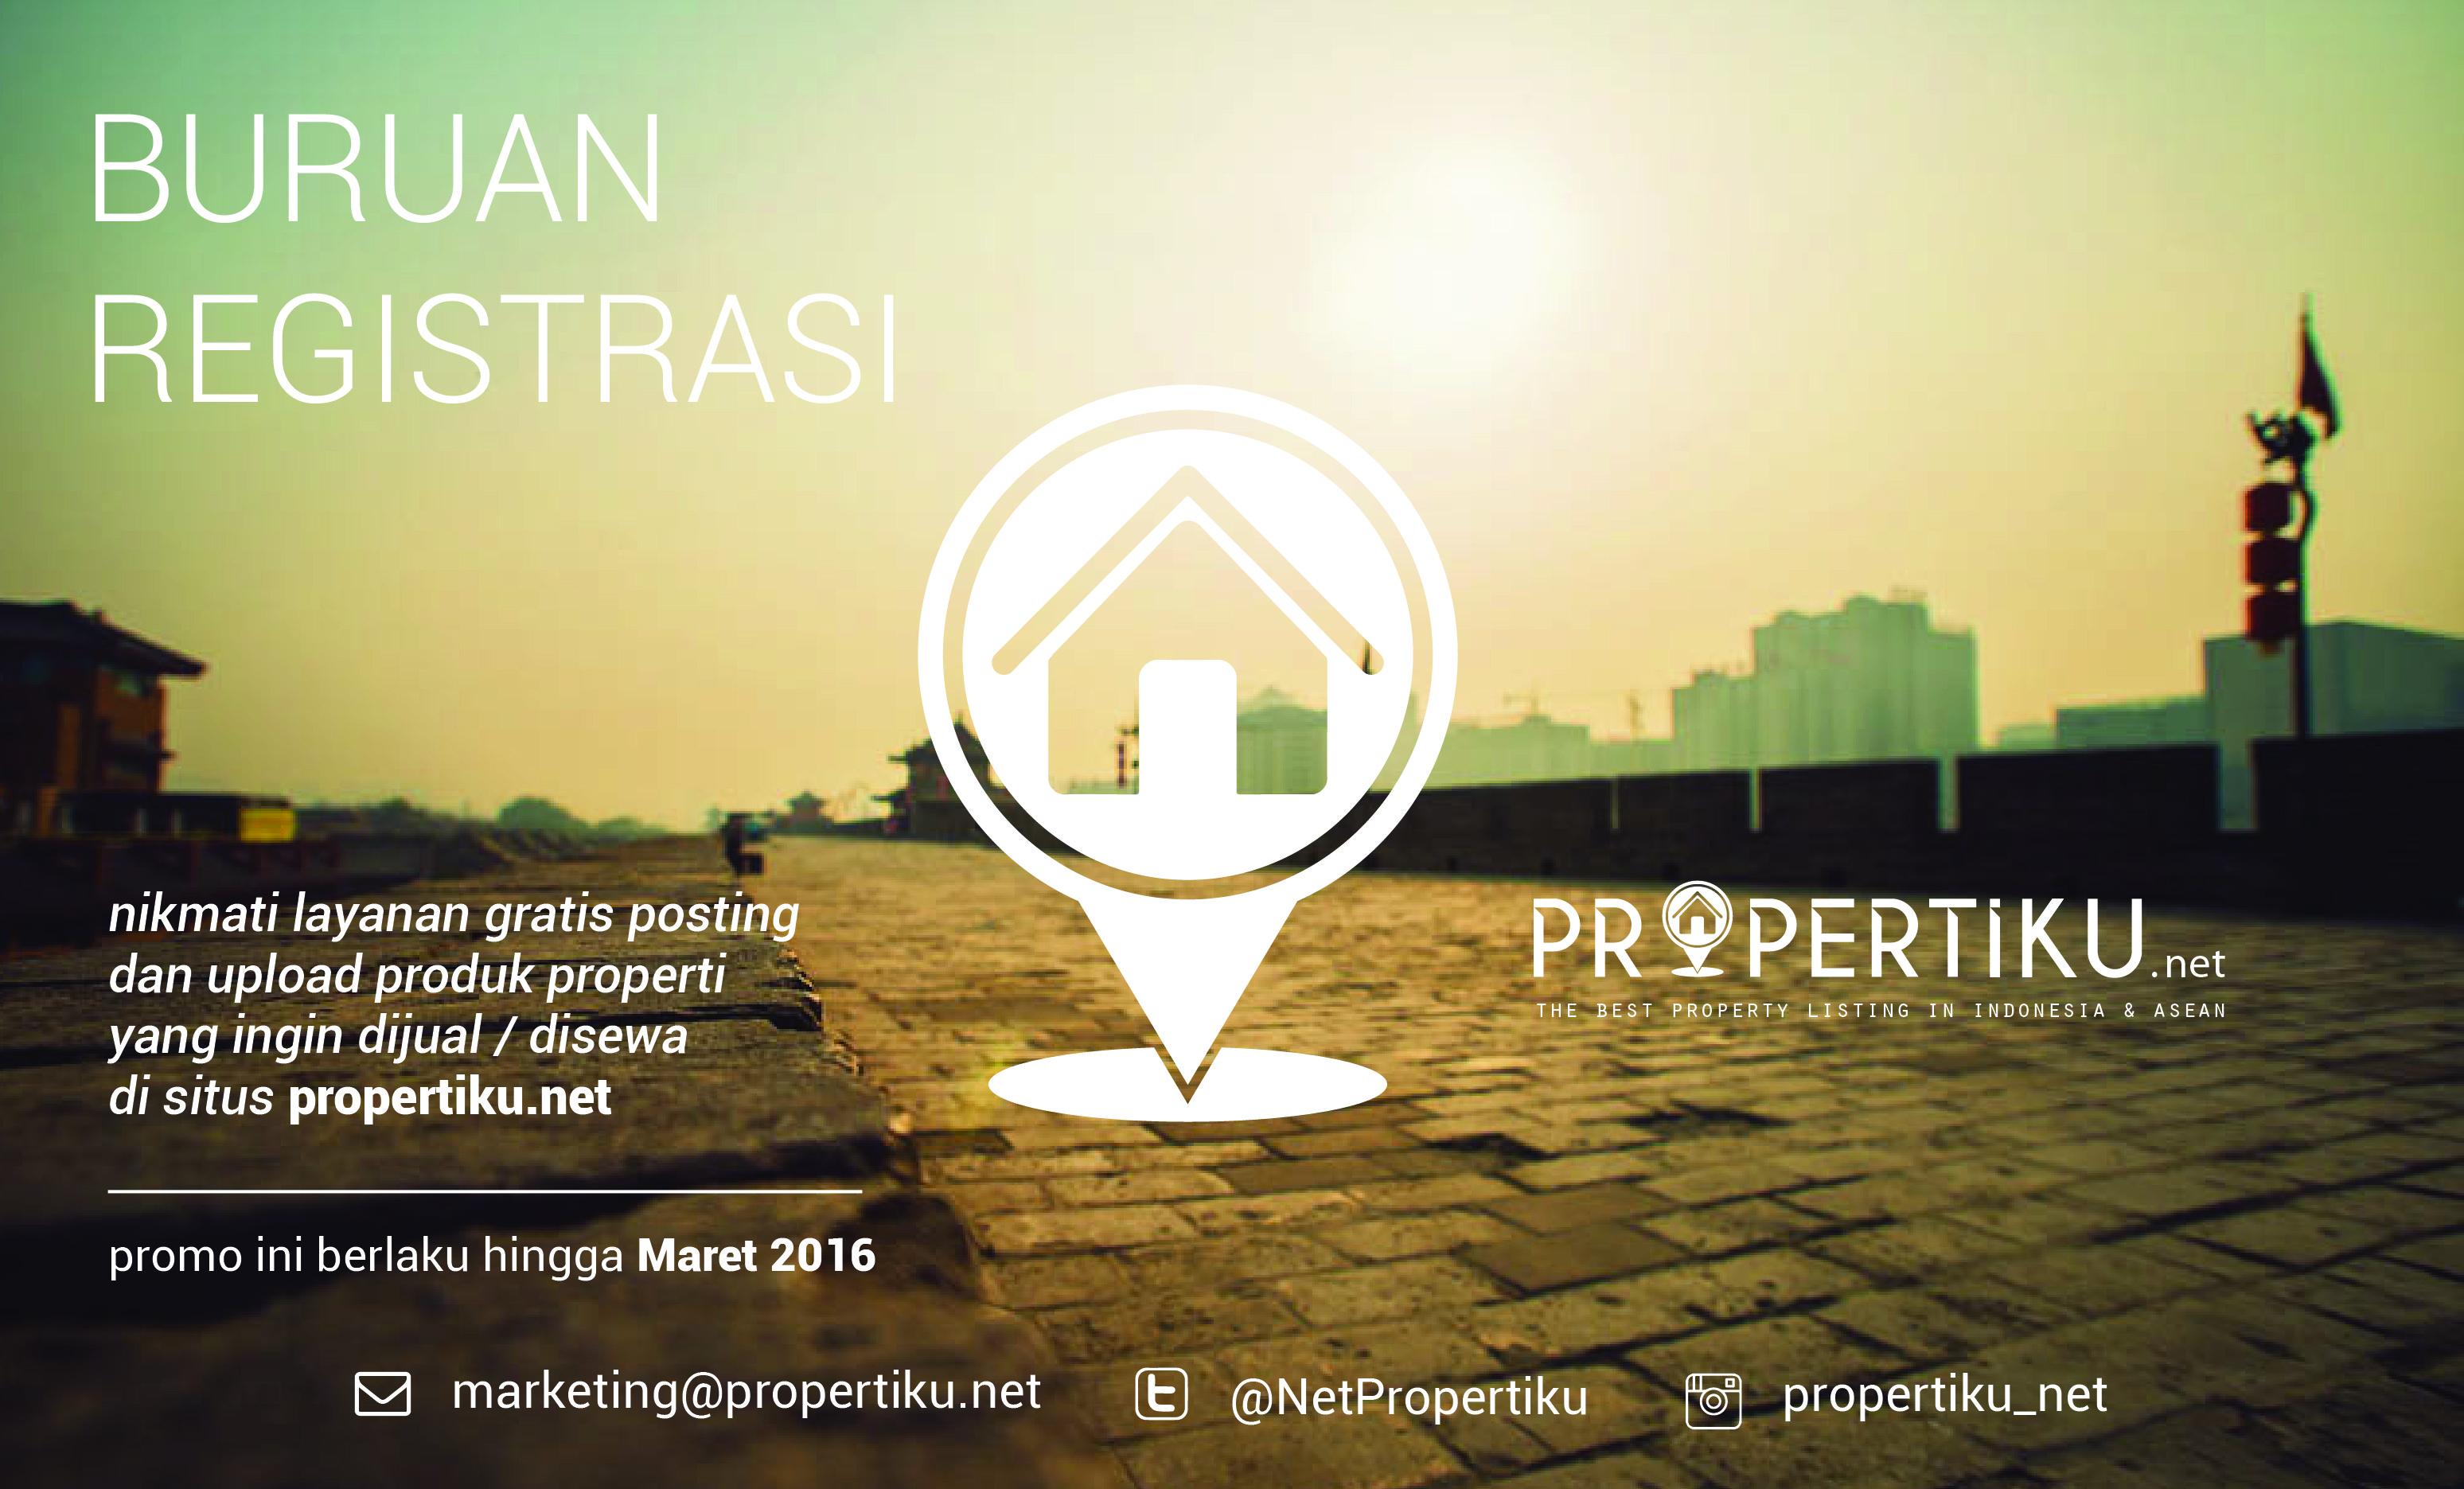 Propertiku.Net - Situs Properti Nomor 1 di Indonesia & ASEAN